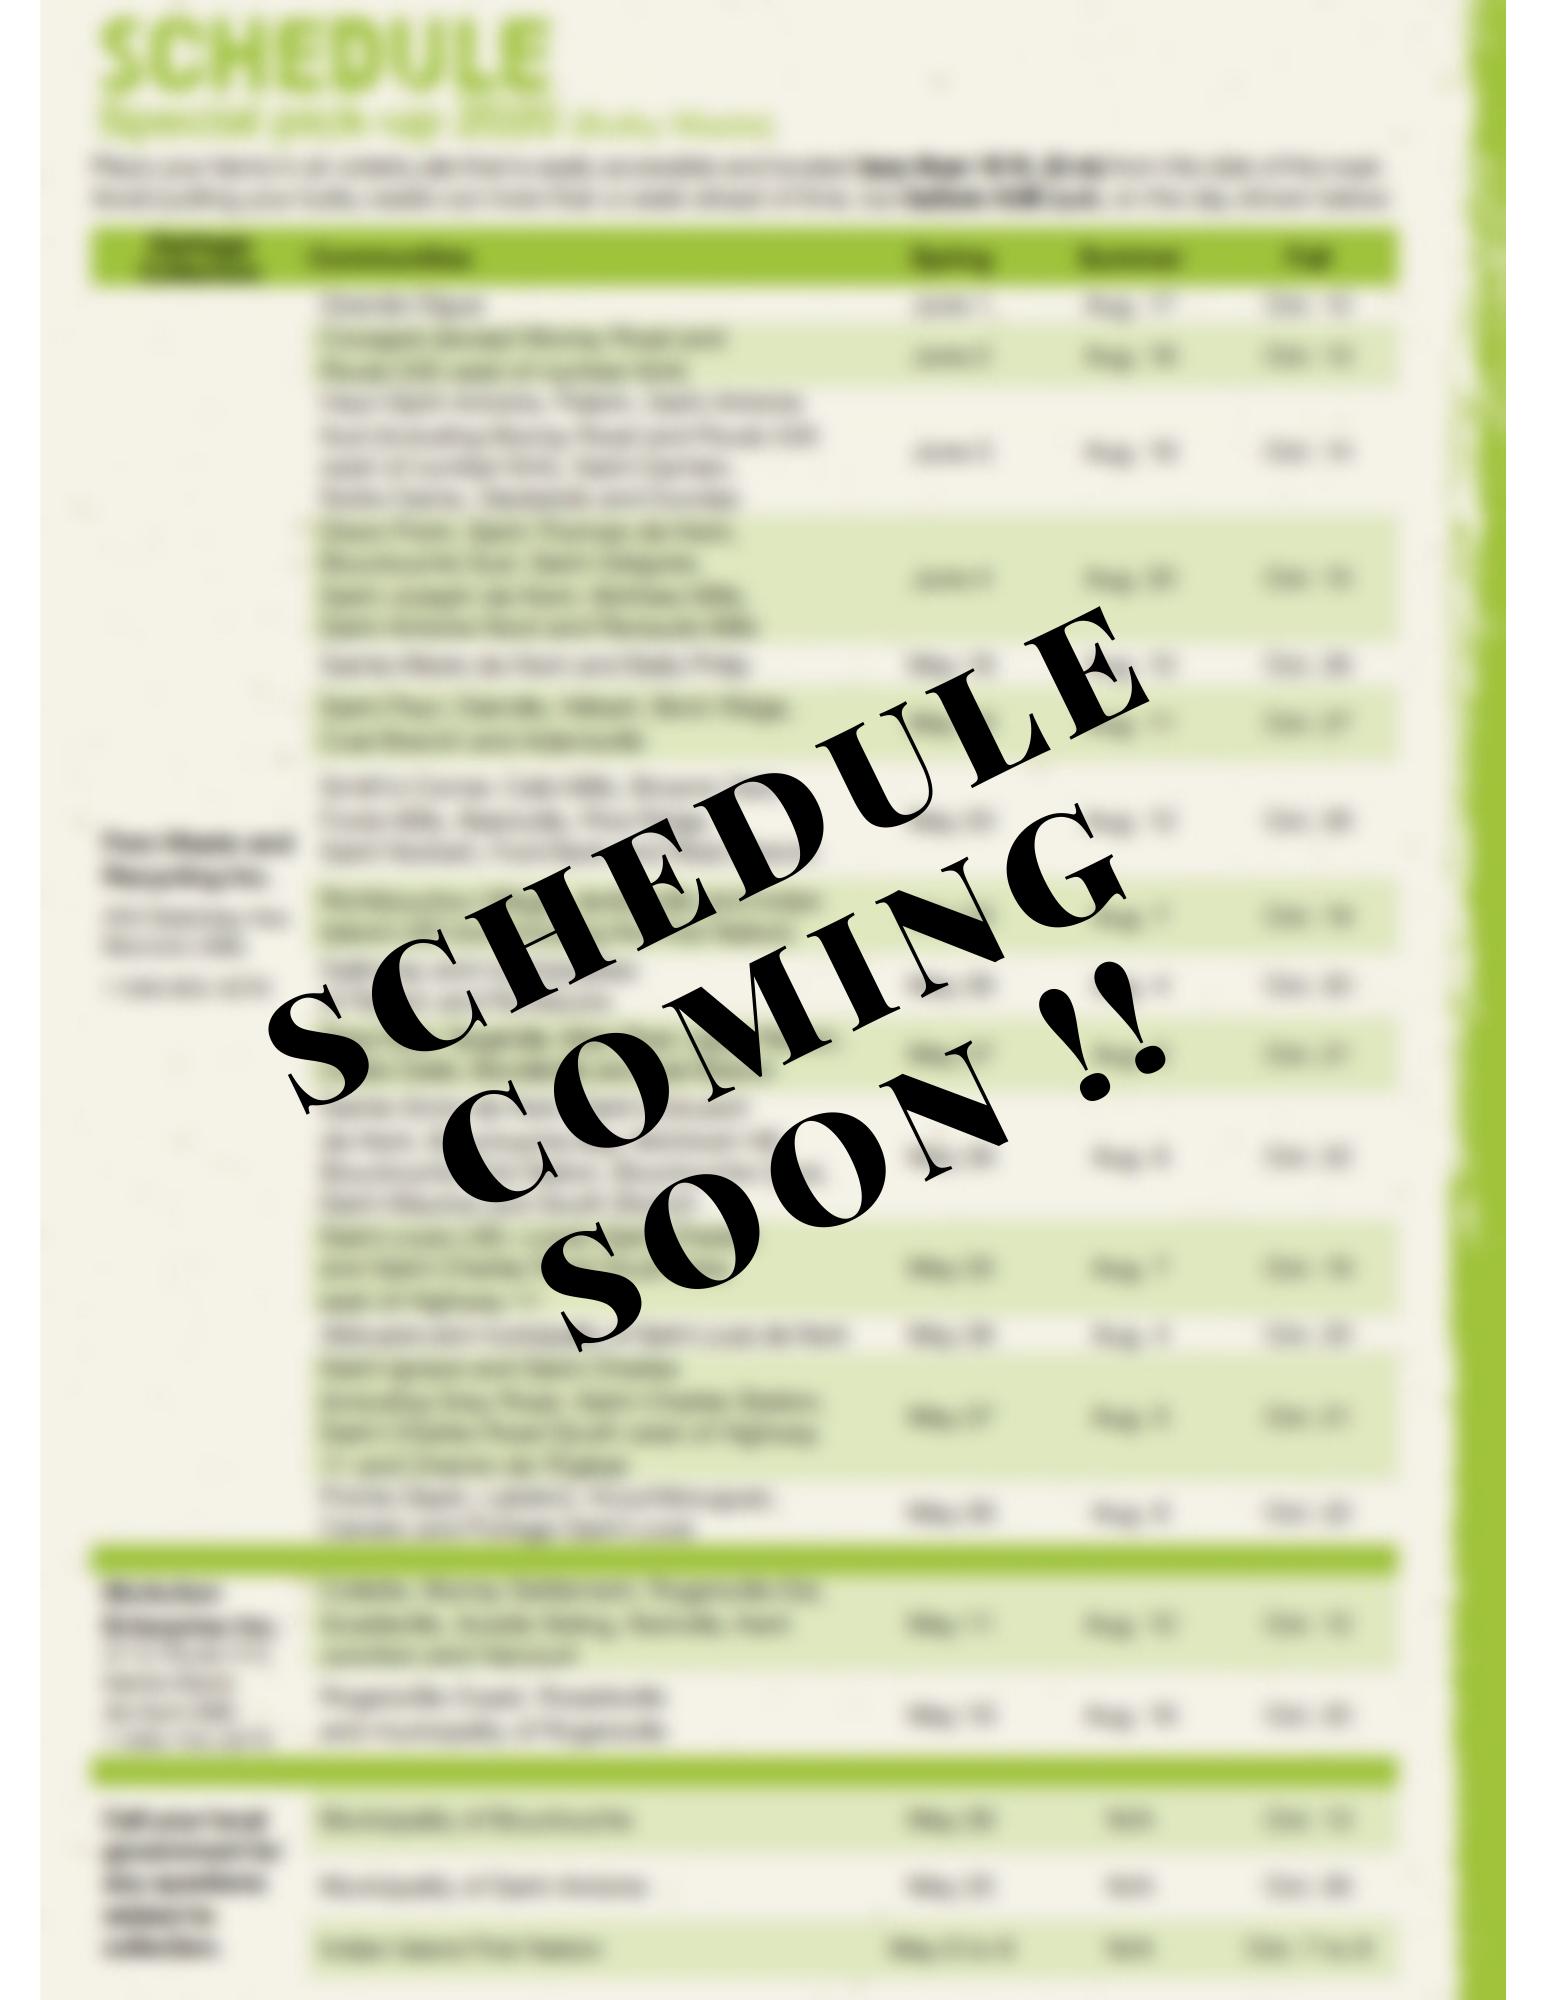 Schedule coming soon!!